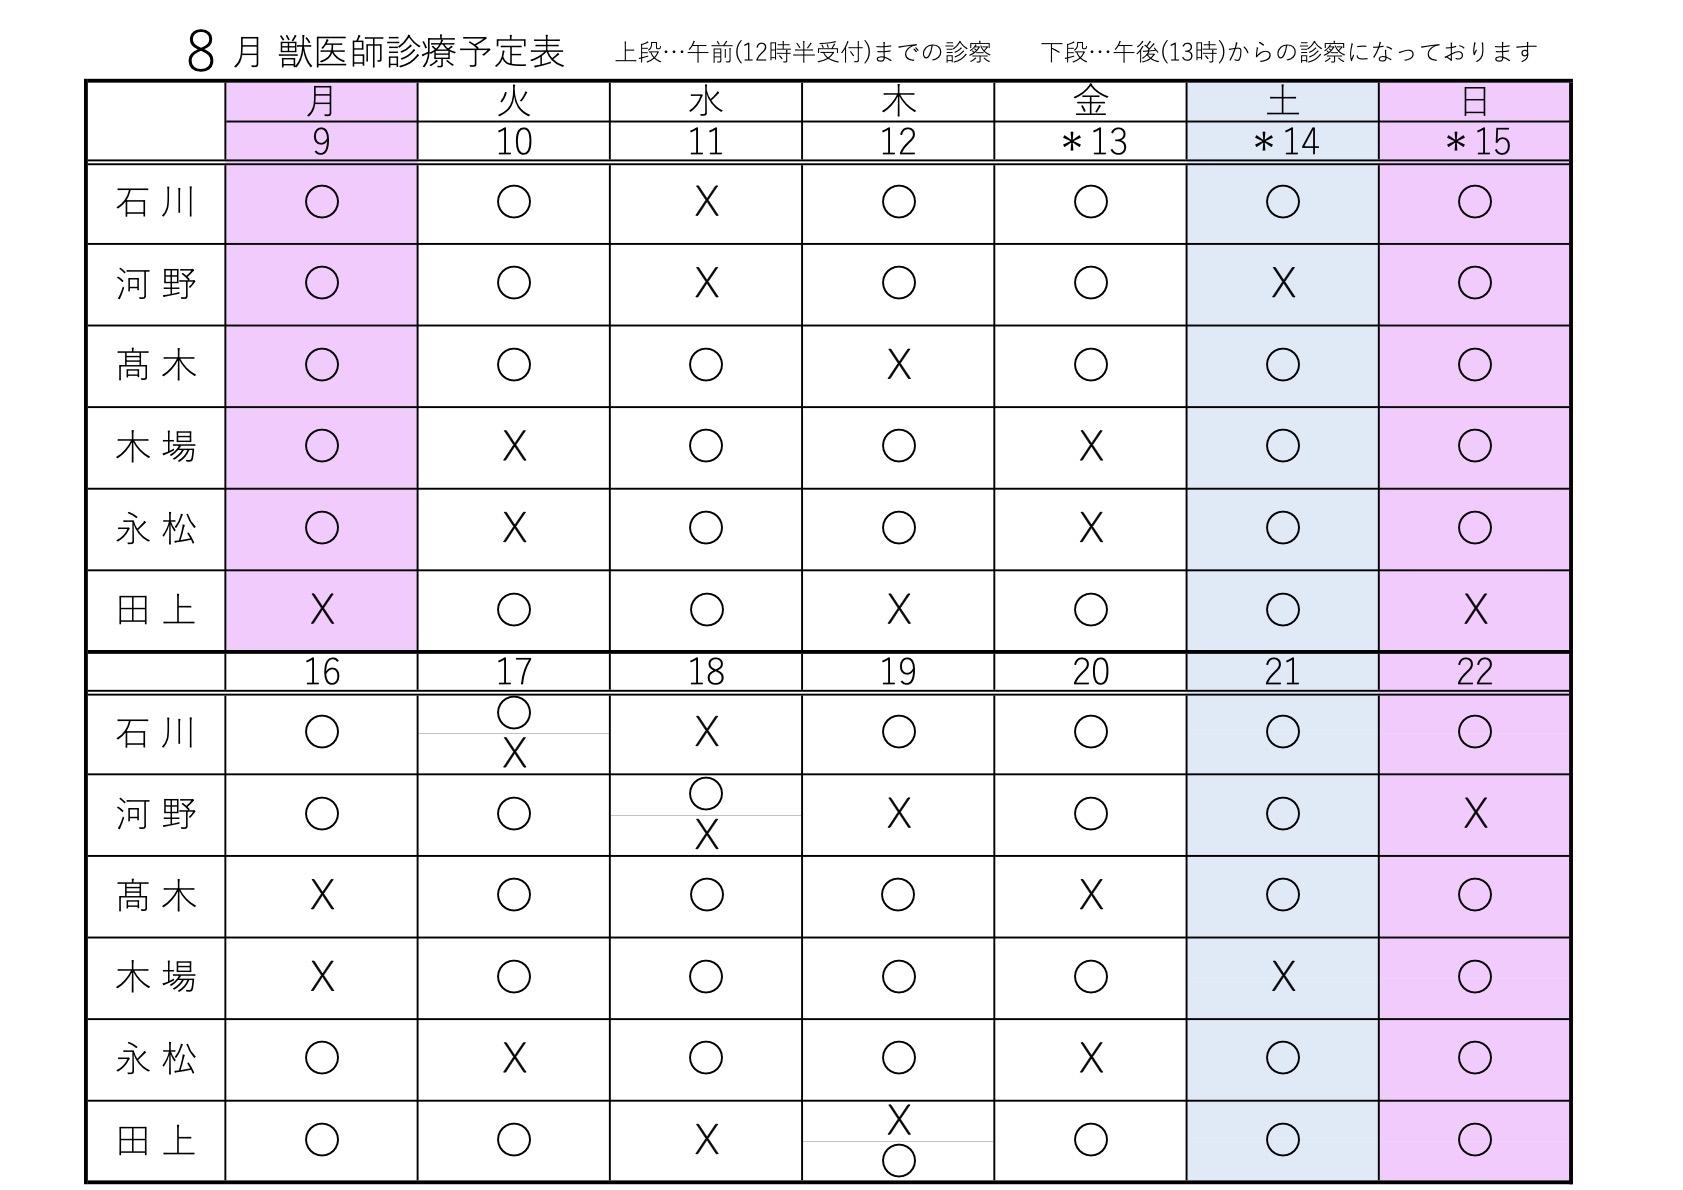 8月09~22日 獣医師診療予定表